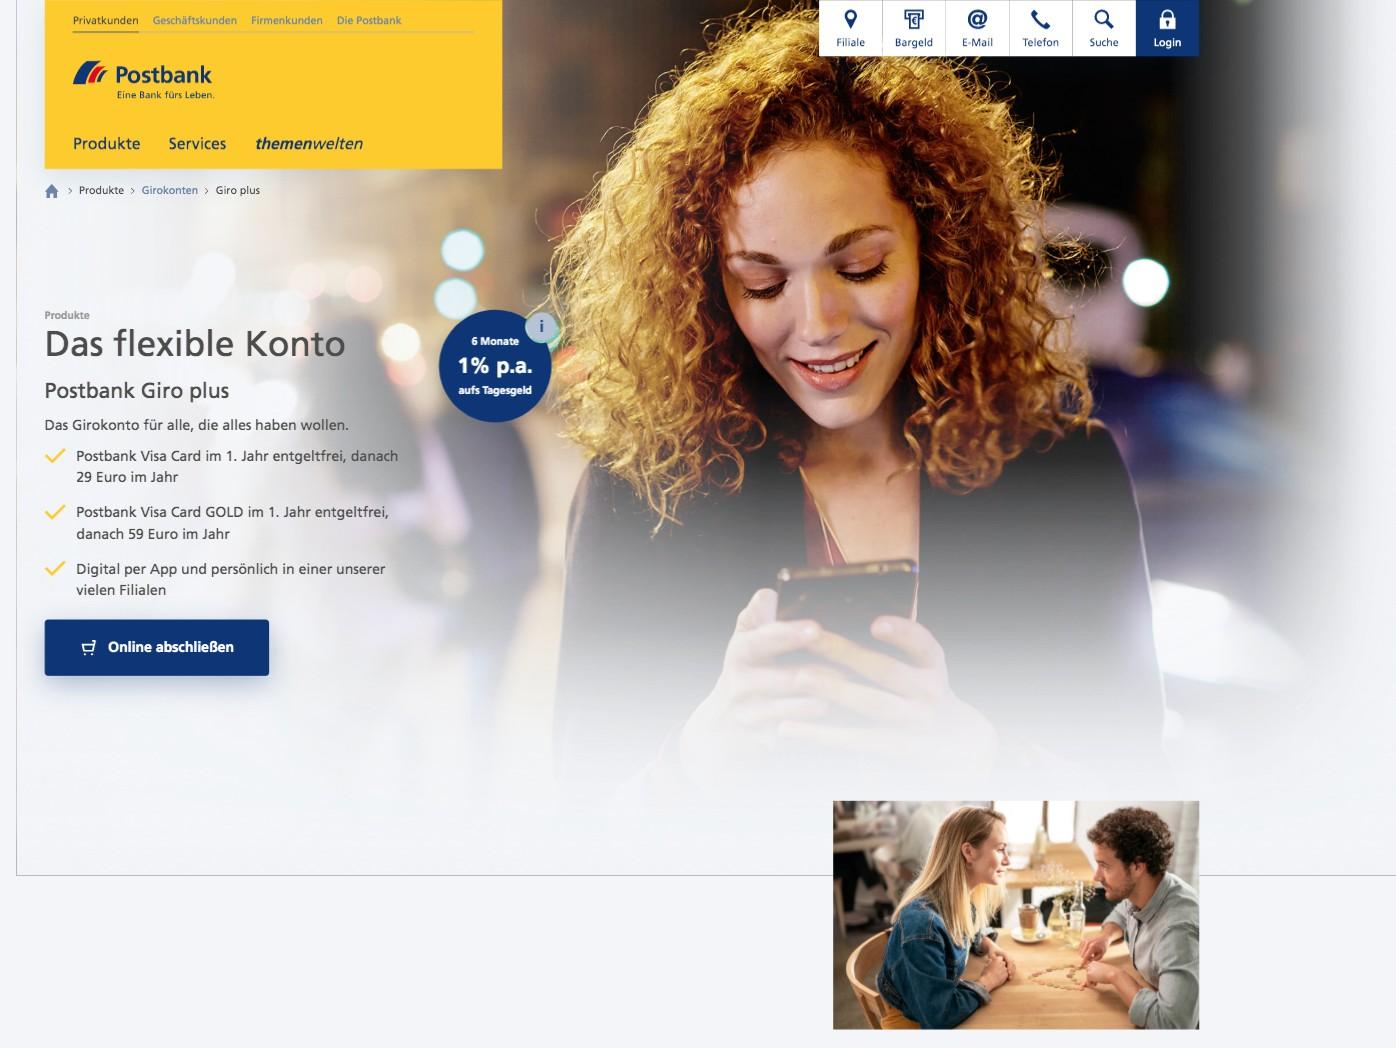 Postbank Website